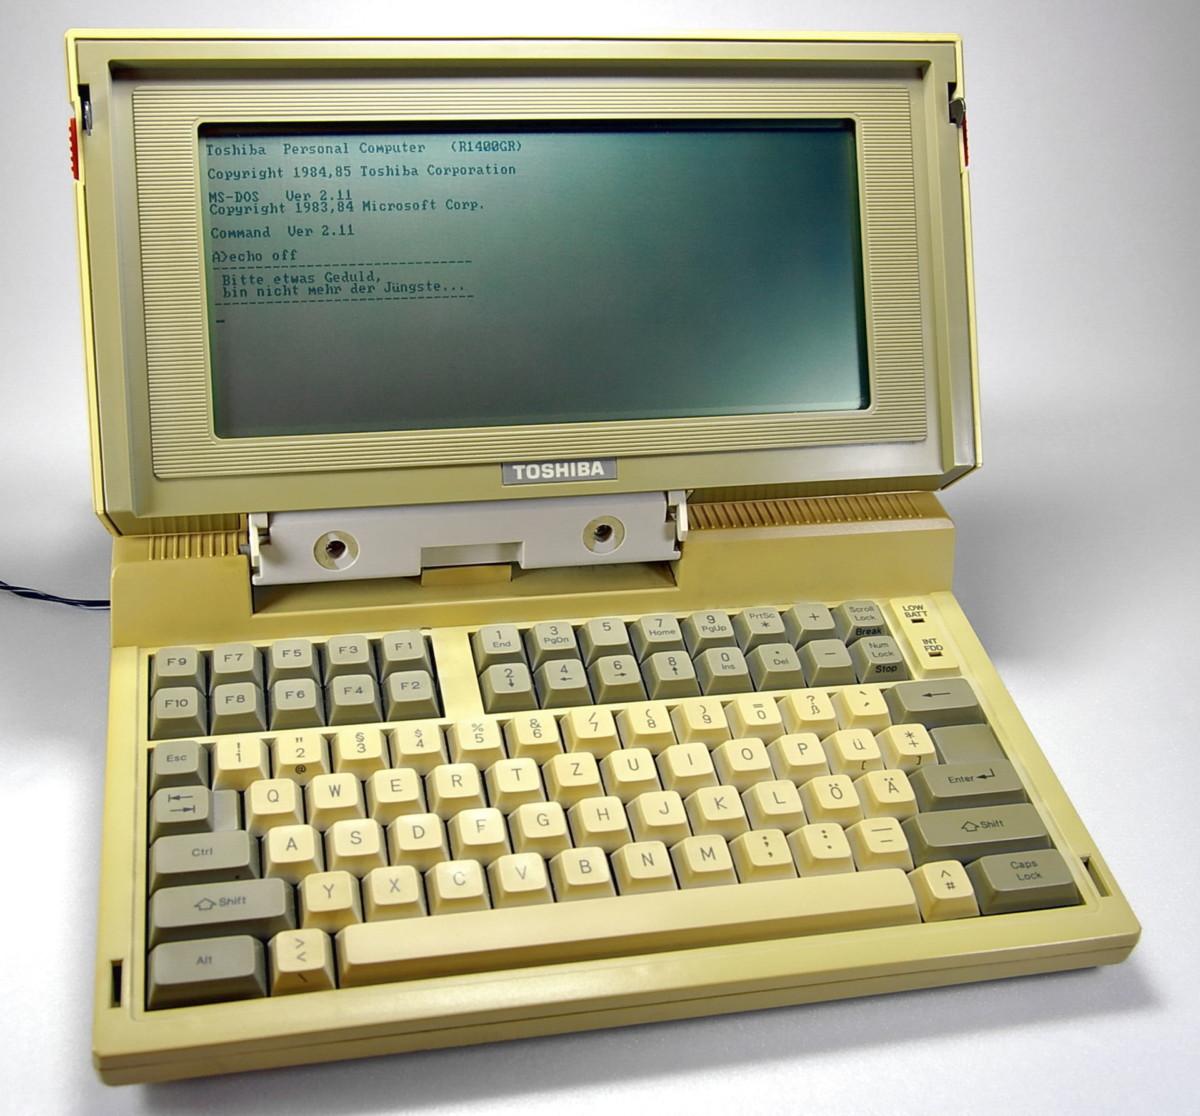 Le ToshibaT1100, lancé en 1985, est souvent considéré comme le premier PC portable grand public